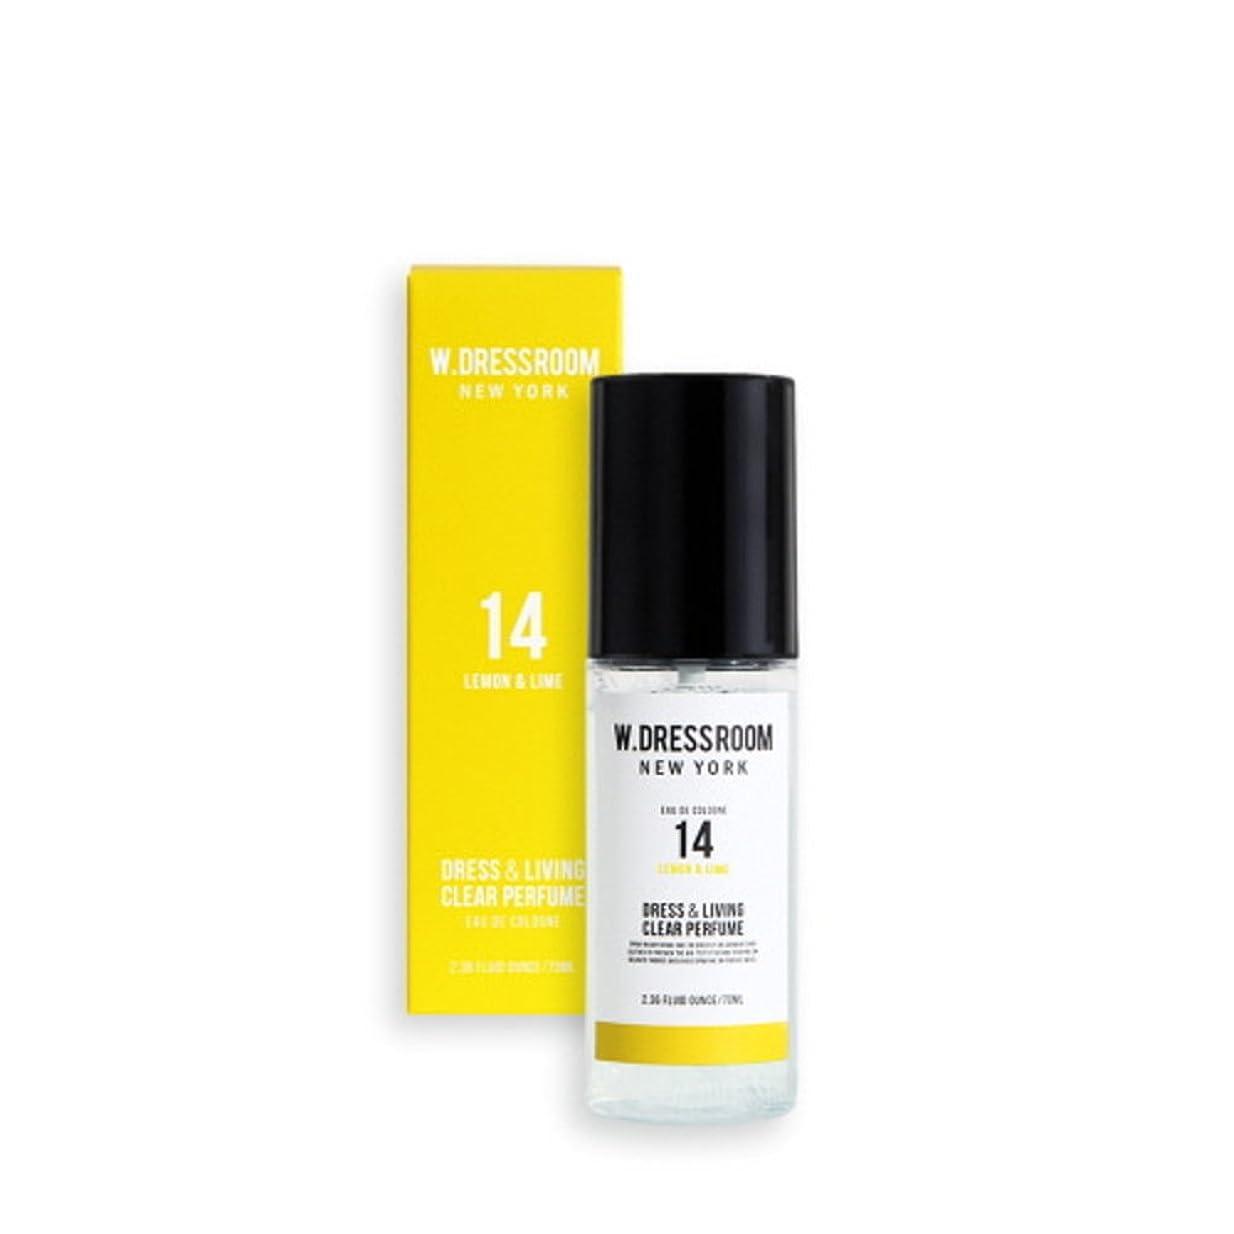 与えるランダムアジア人W.DRESSROOM Dress & Living Clear Perfume fragrance 70ml (#No.14 Lemon & Lime)/ダブルドレスルーム ドレス&リビング クリア パフューム 70ml (#No.14 Lemon & Lime)